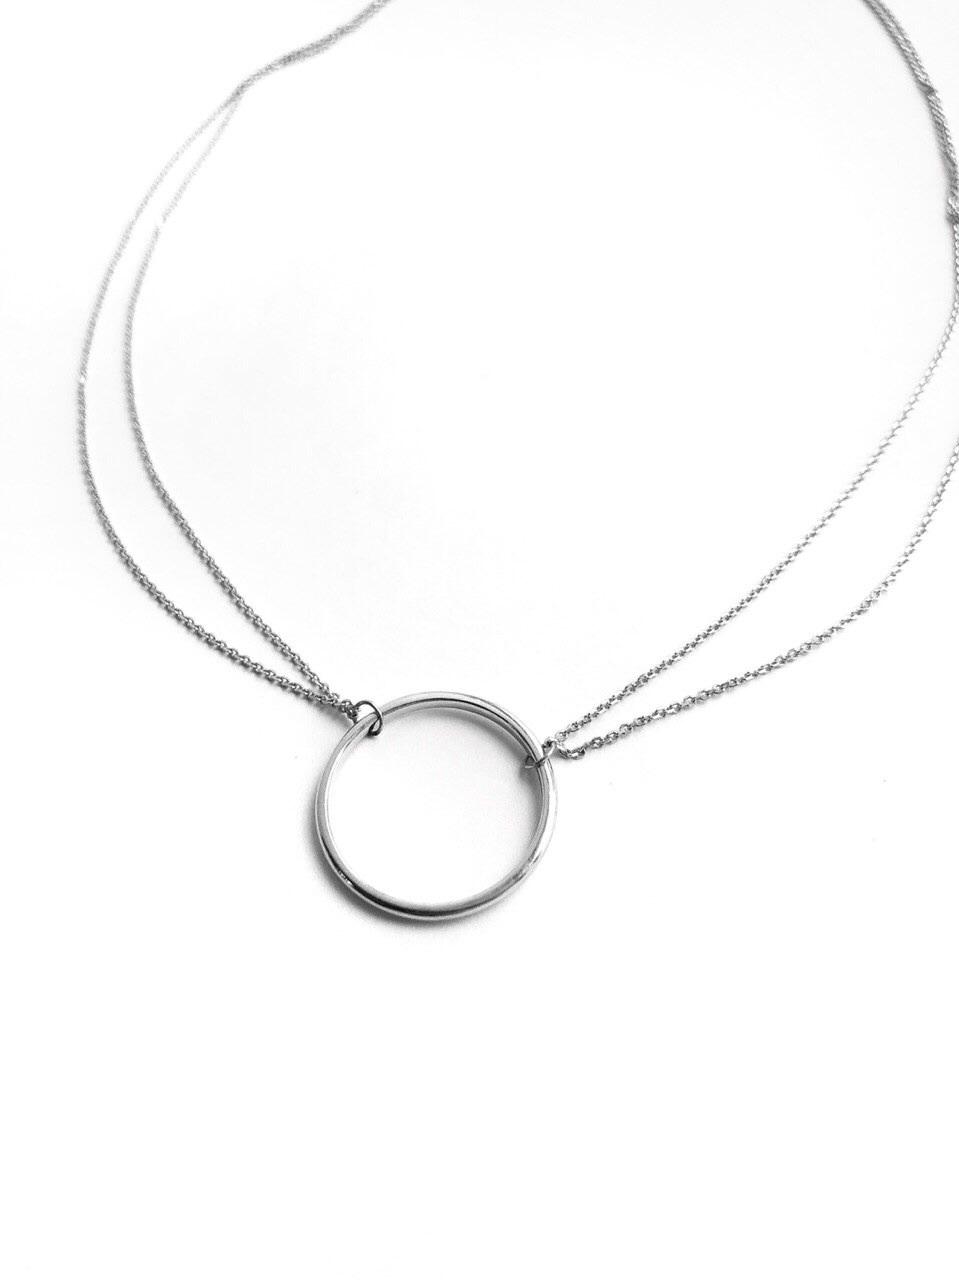 Серебряное двойное колье с кольцом 20 мм